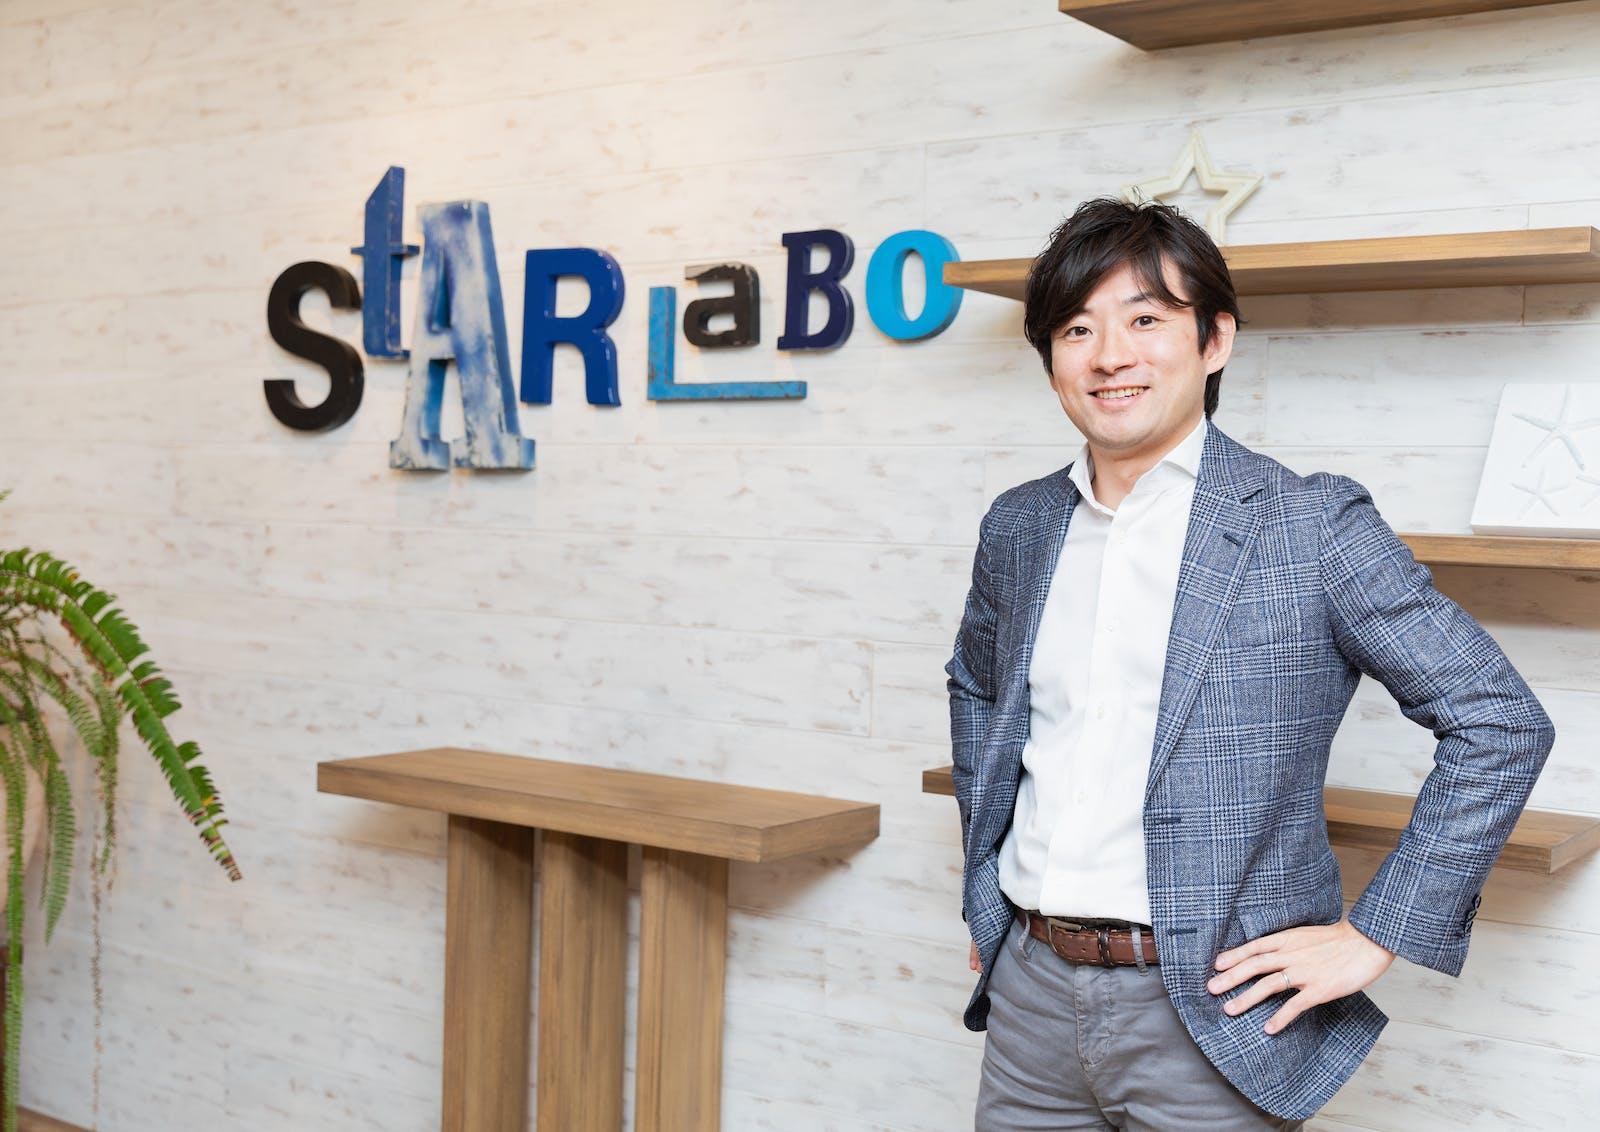 株式会社スターラボのアイキャッチ画像